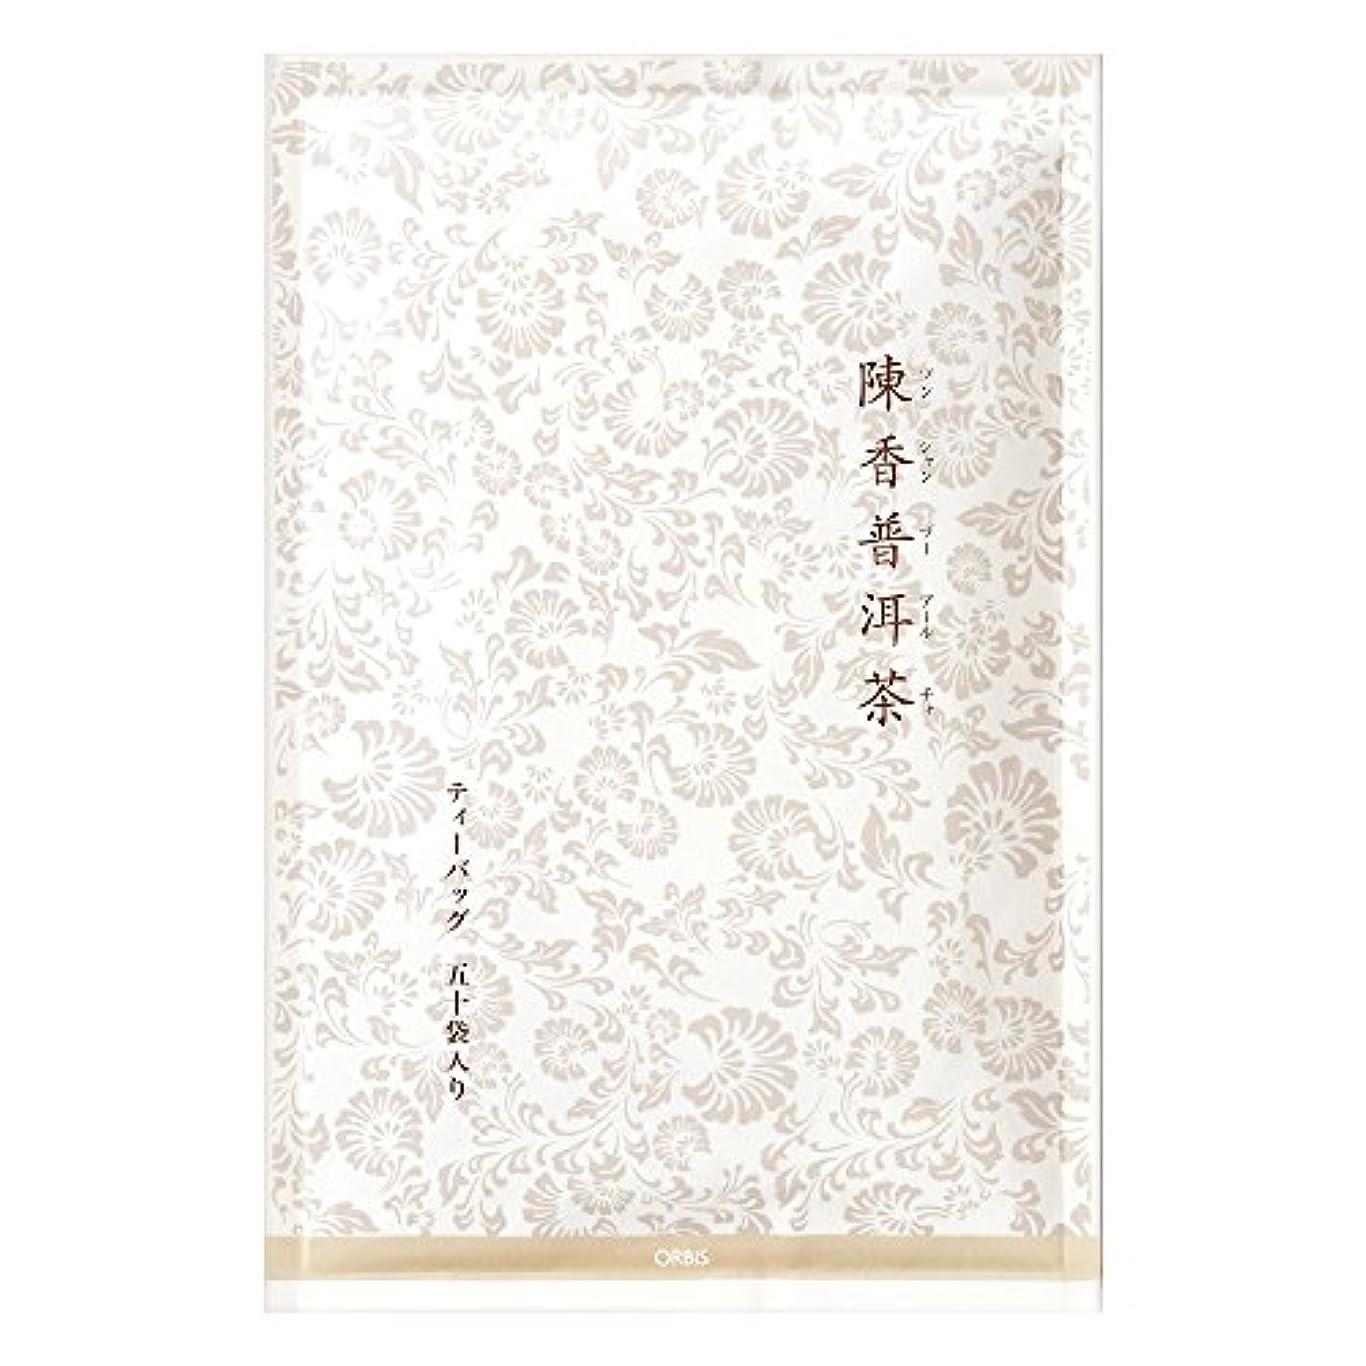 オルビス(ORBIS) 陳香プーアール茶 ティーバッグ 徳用 2g×50袋 ◎ダイエット茶◎ 0kcal